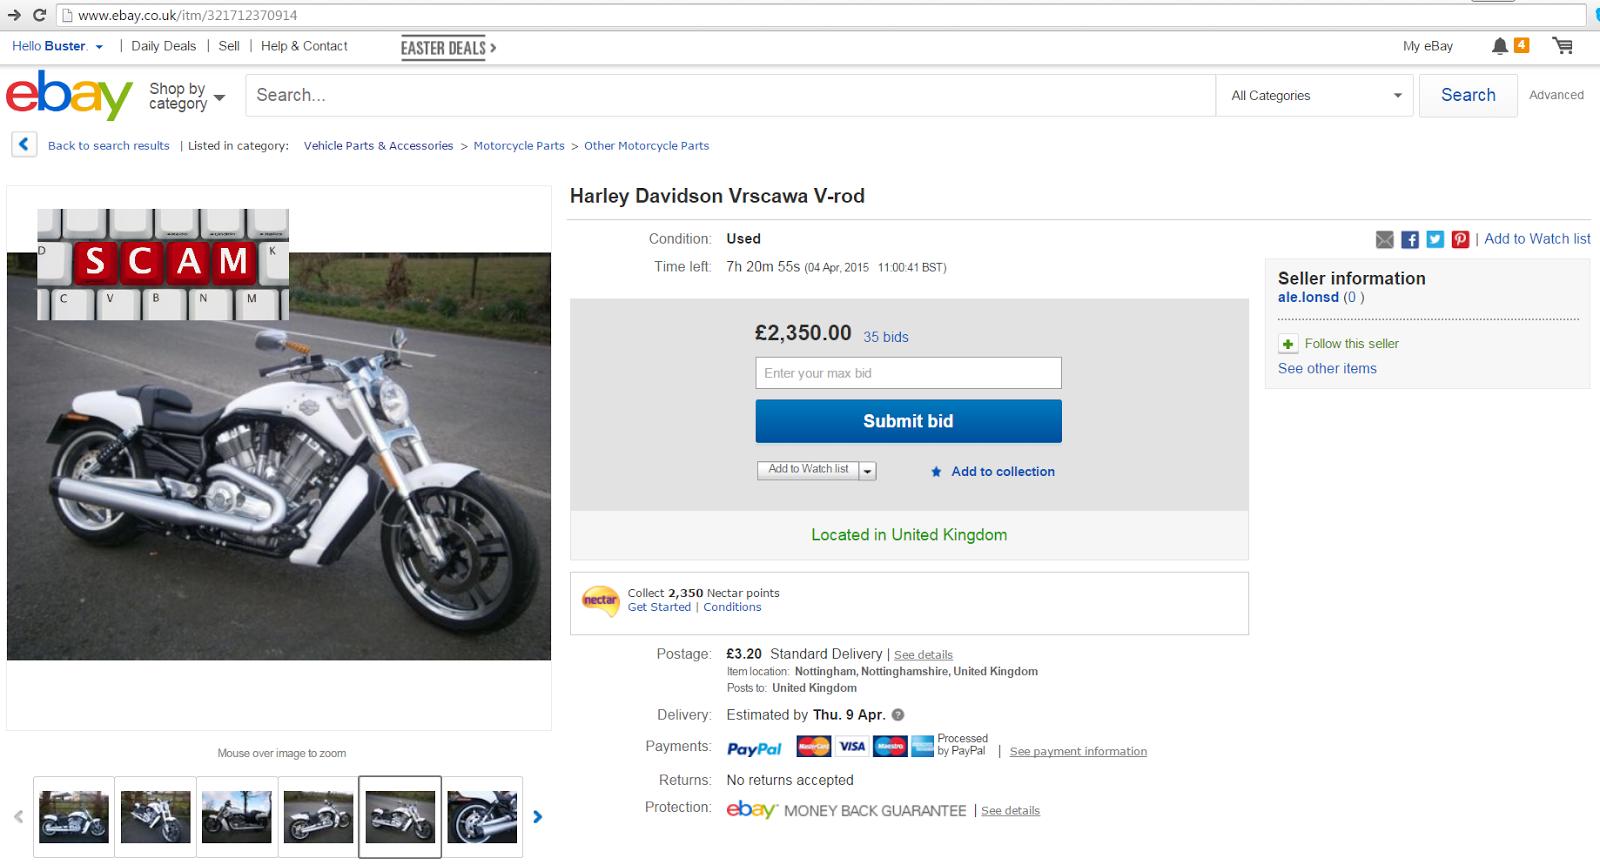 EBAY SCAM : Harley Davidson Vrscawa V-rod | 2014/14 FRAUD | 04-Apr ...